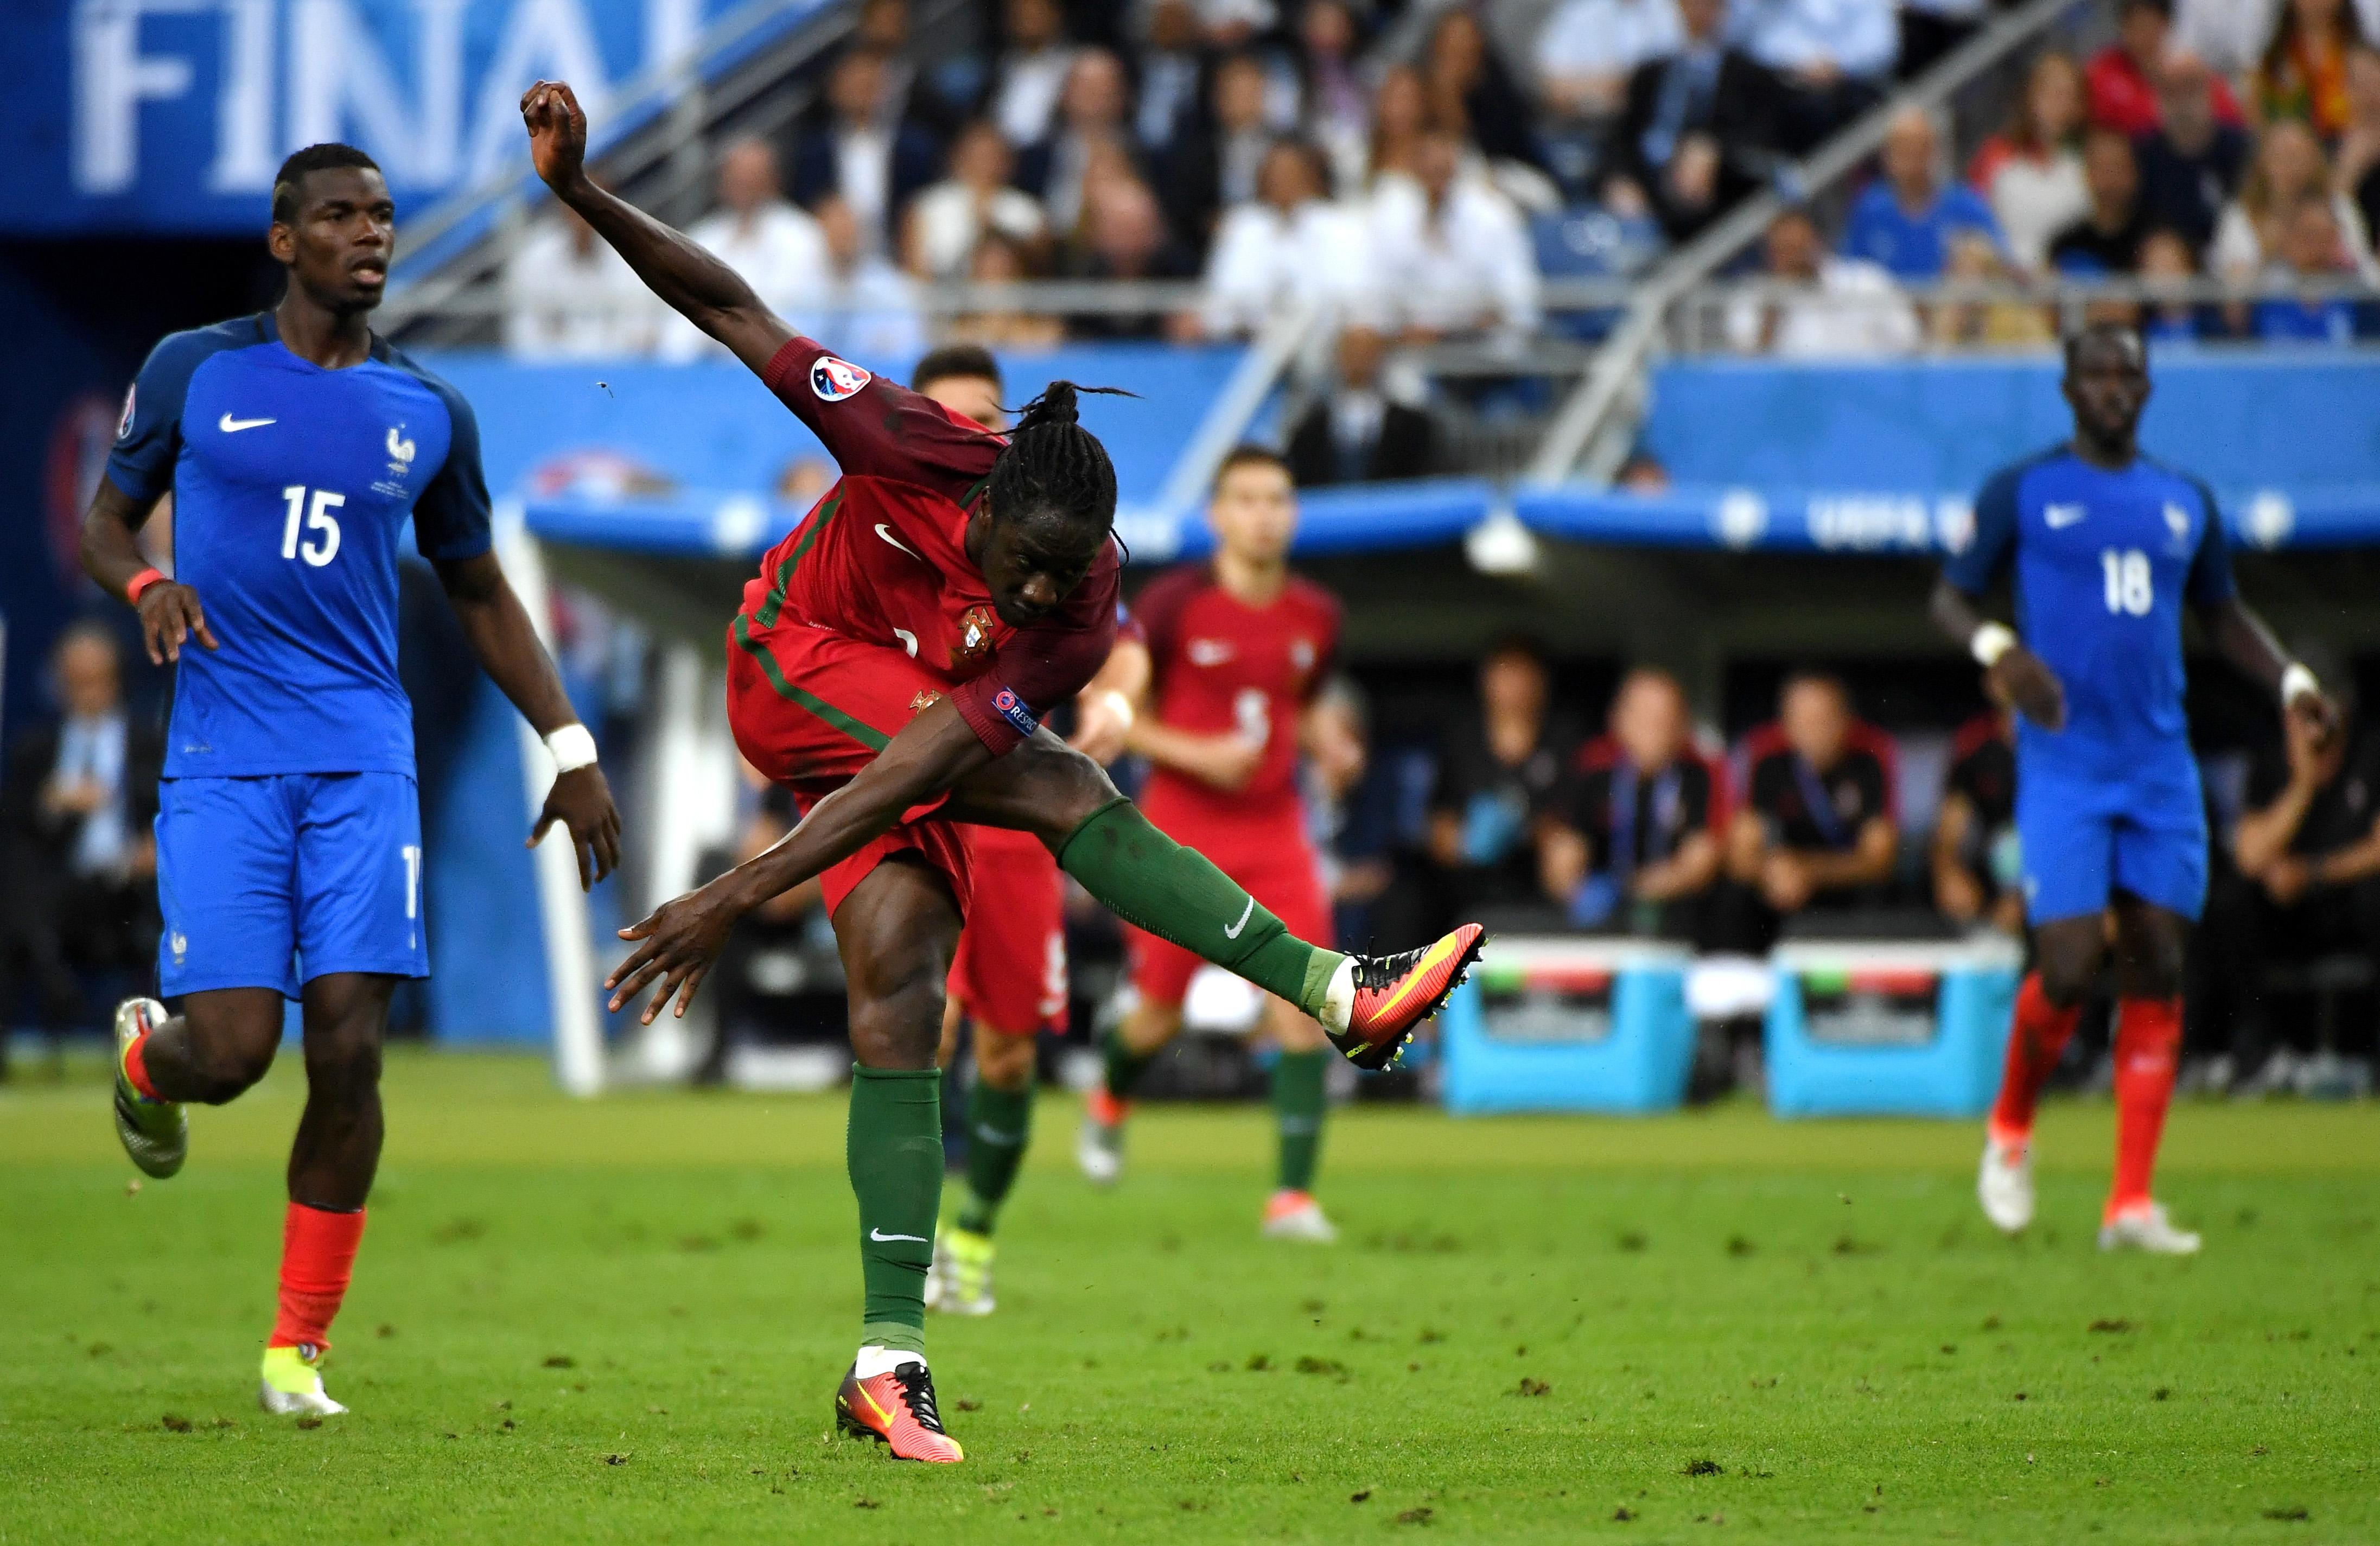 葡萄牙前鋒艾達盧比斯低射得手。(Mike Hewitt/Getty Images)